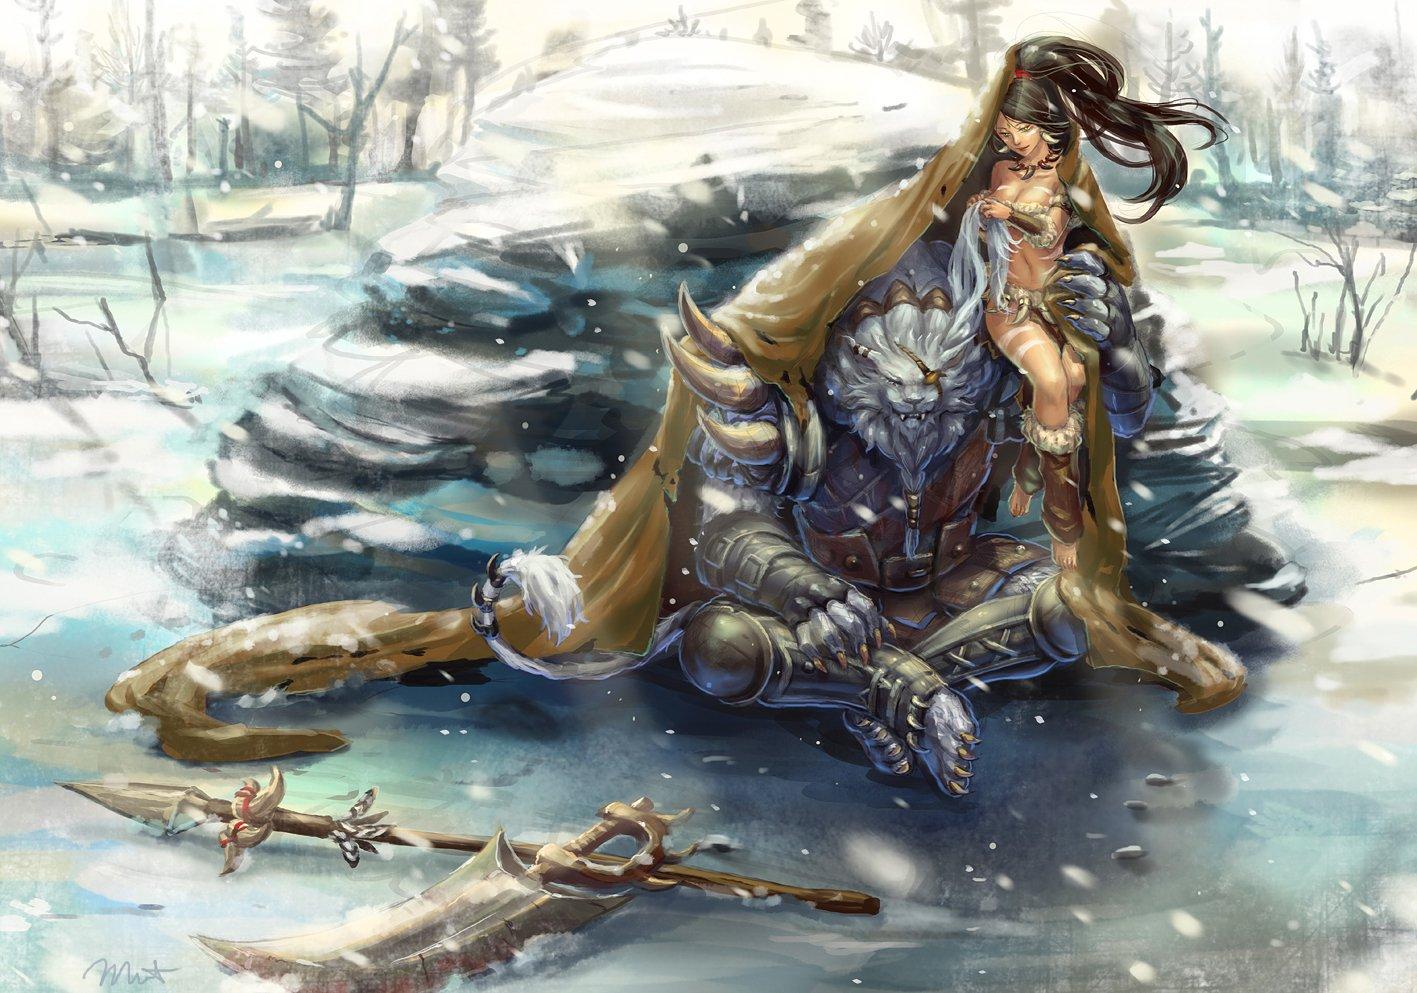 Nidalee and Rengar League Of Legends Fan Art 2